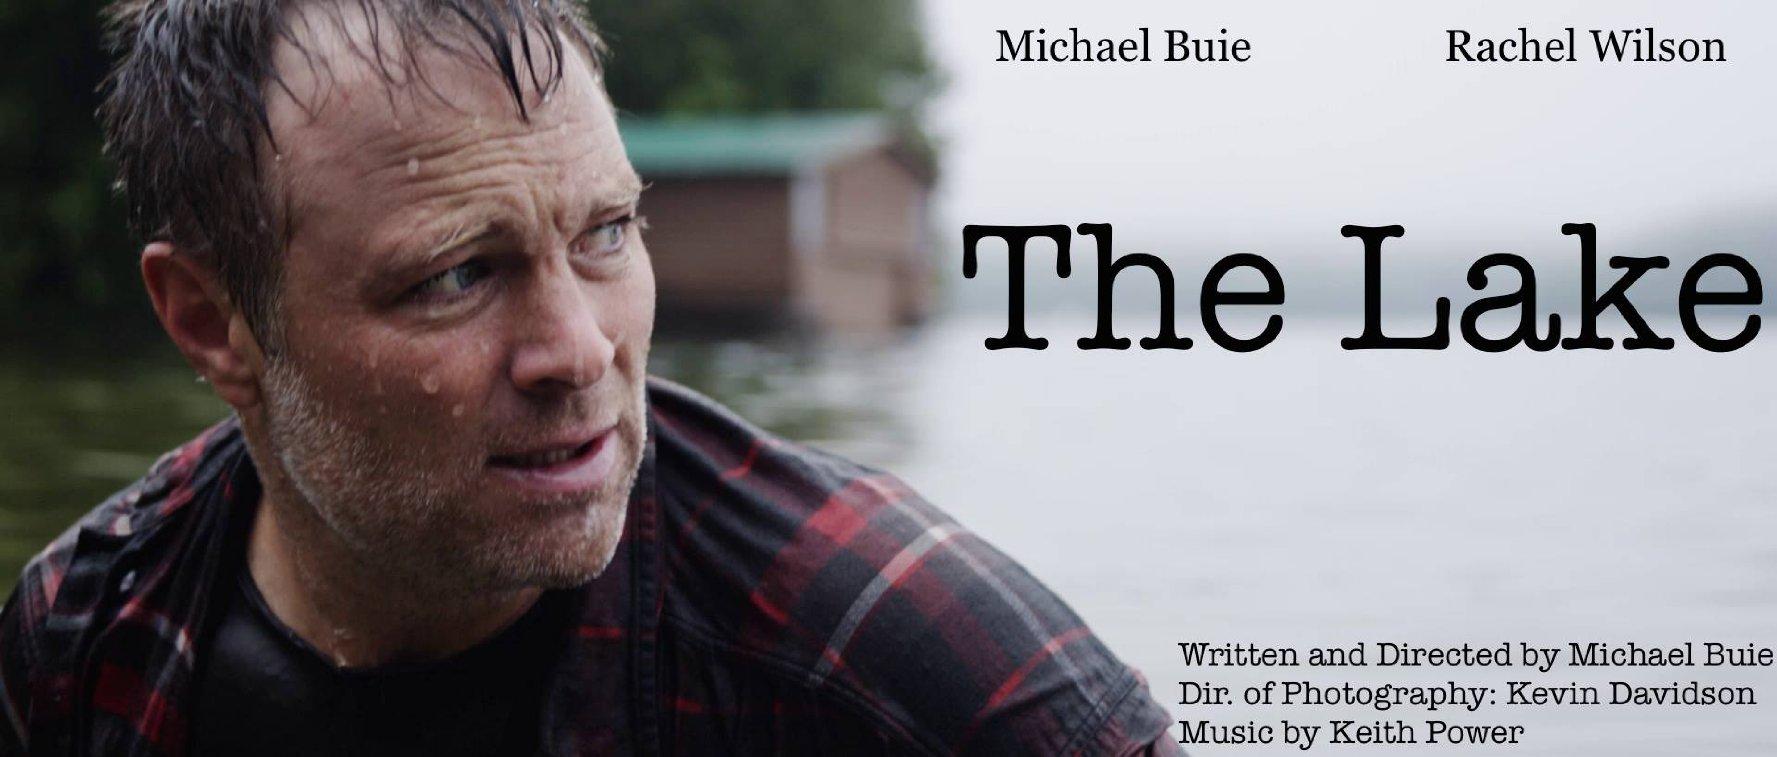 Michael Buie